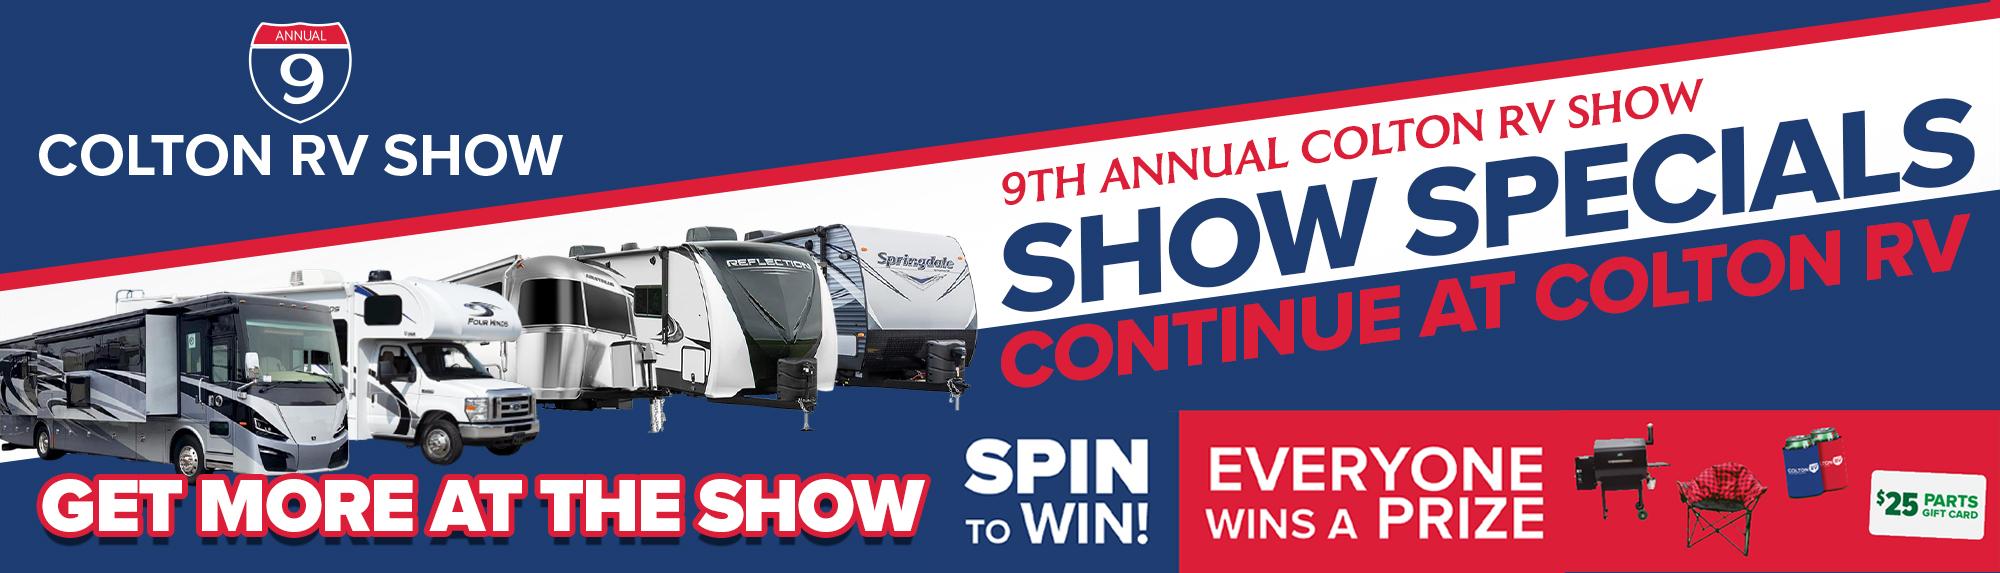 9th Annual Colton RV Show at Seneca Allegany Resort & Casino